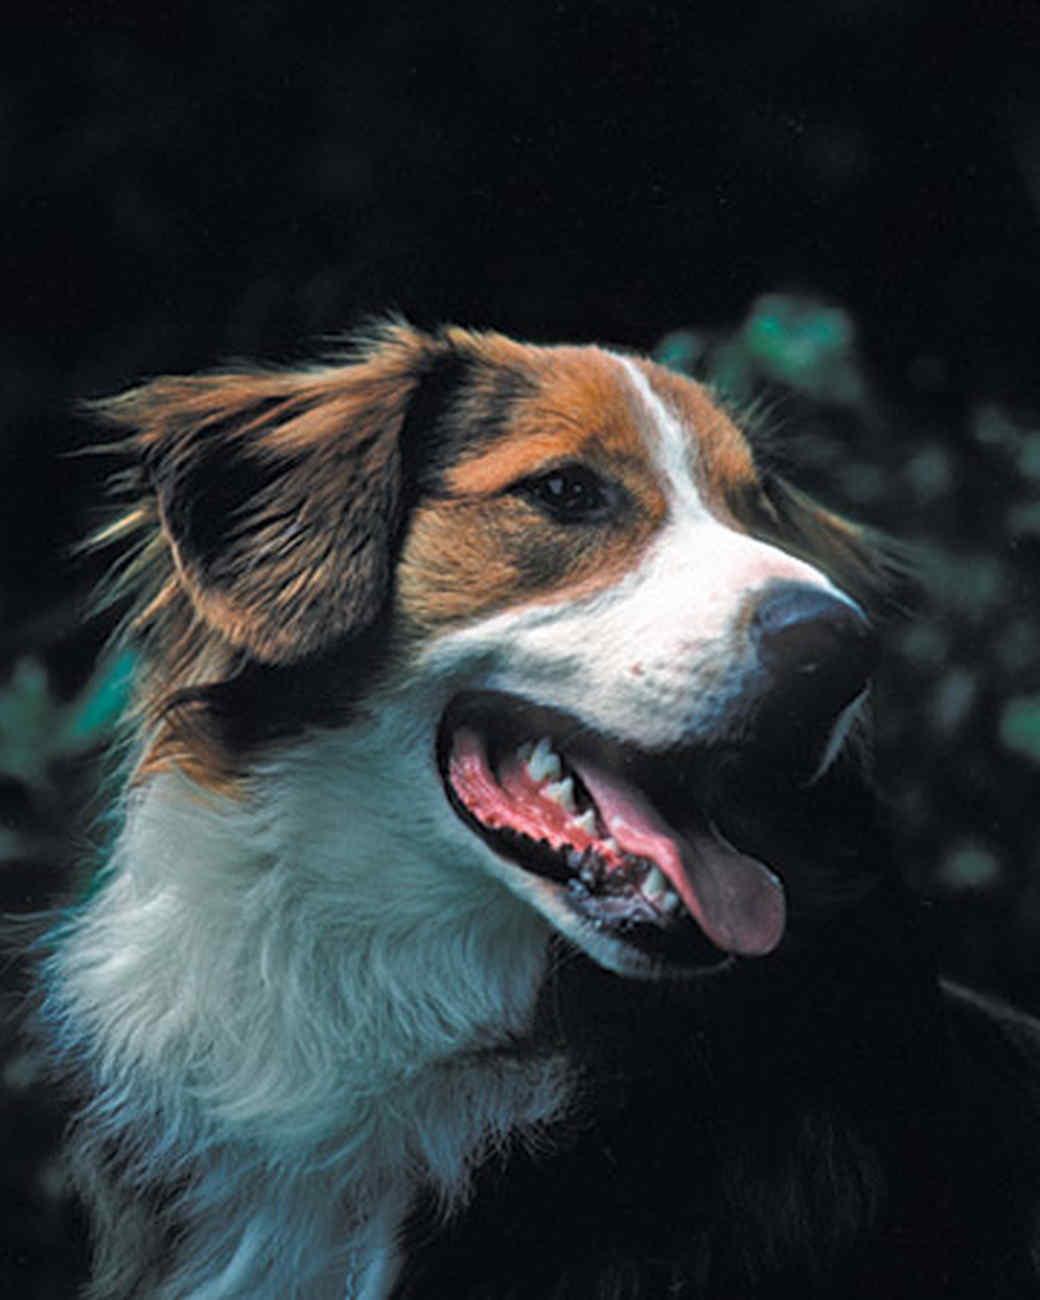 pets_dogs_englishshepherd.jpg